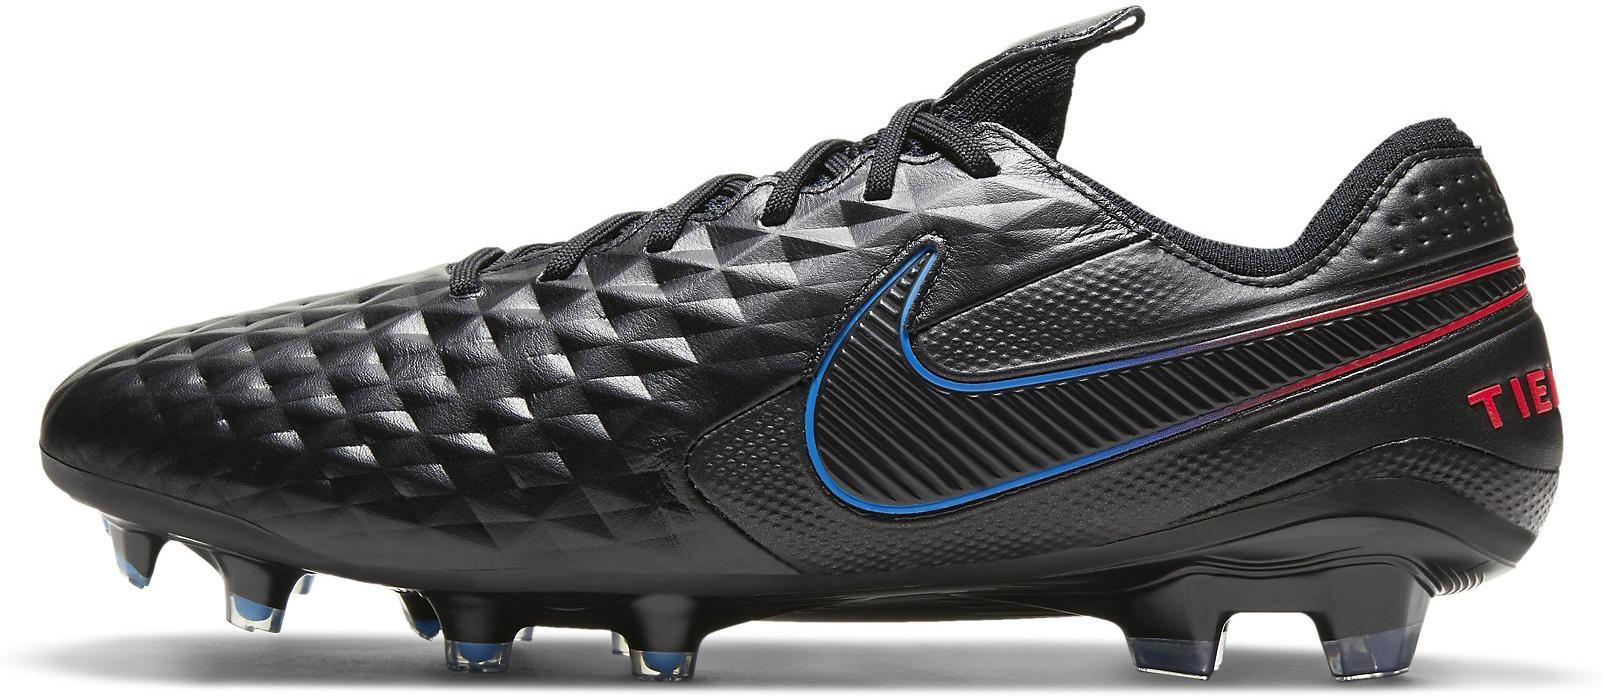 Kopačky Nike LEGEND 8 ELITE FG černá